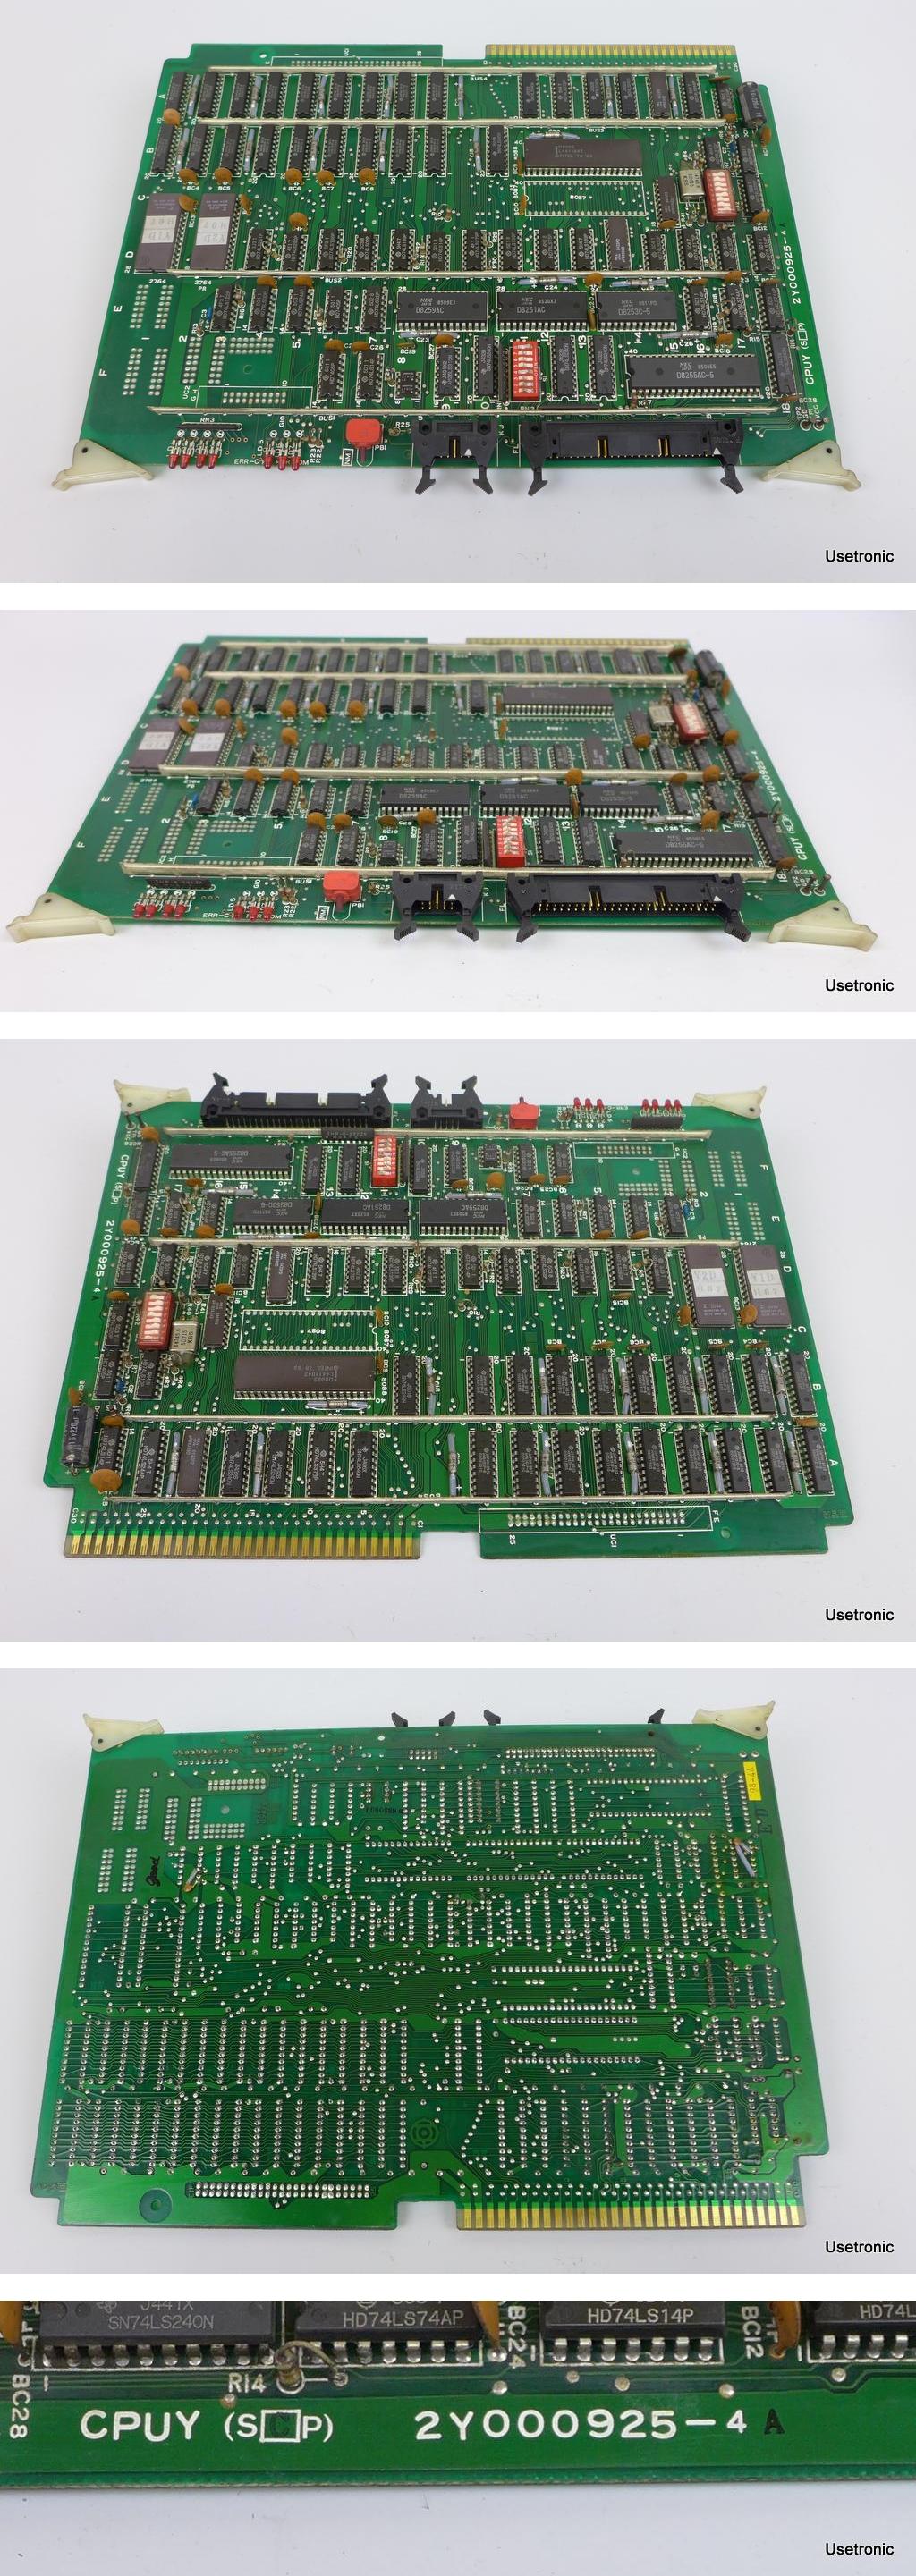 Hitachi CPUY (SCP) 2Y000925-4A